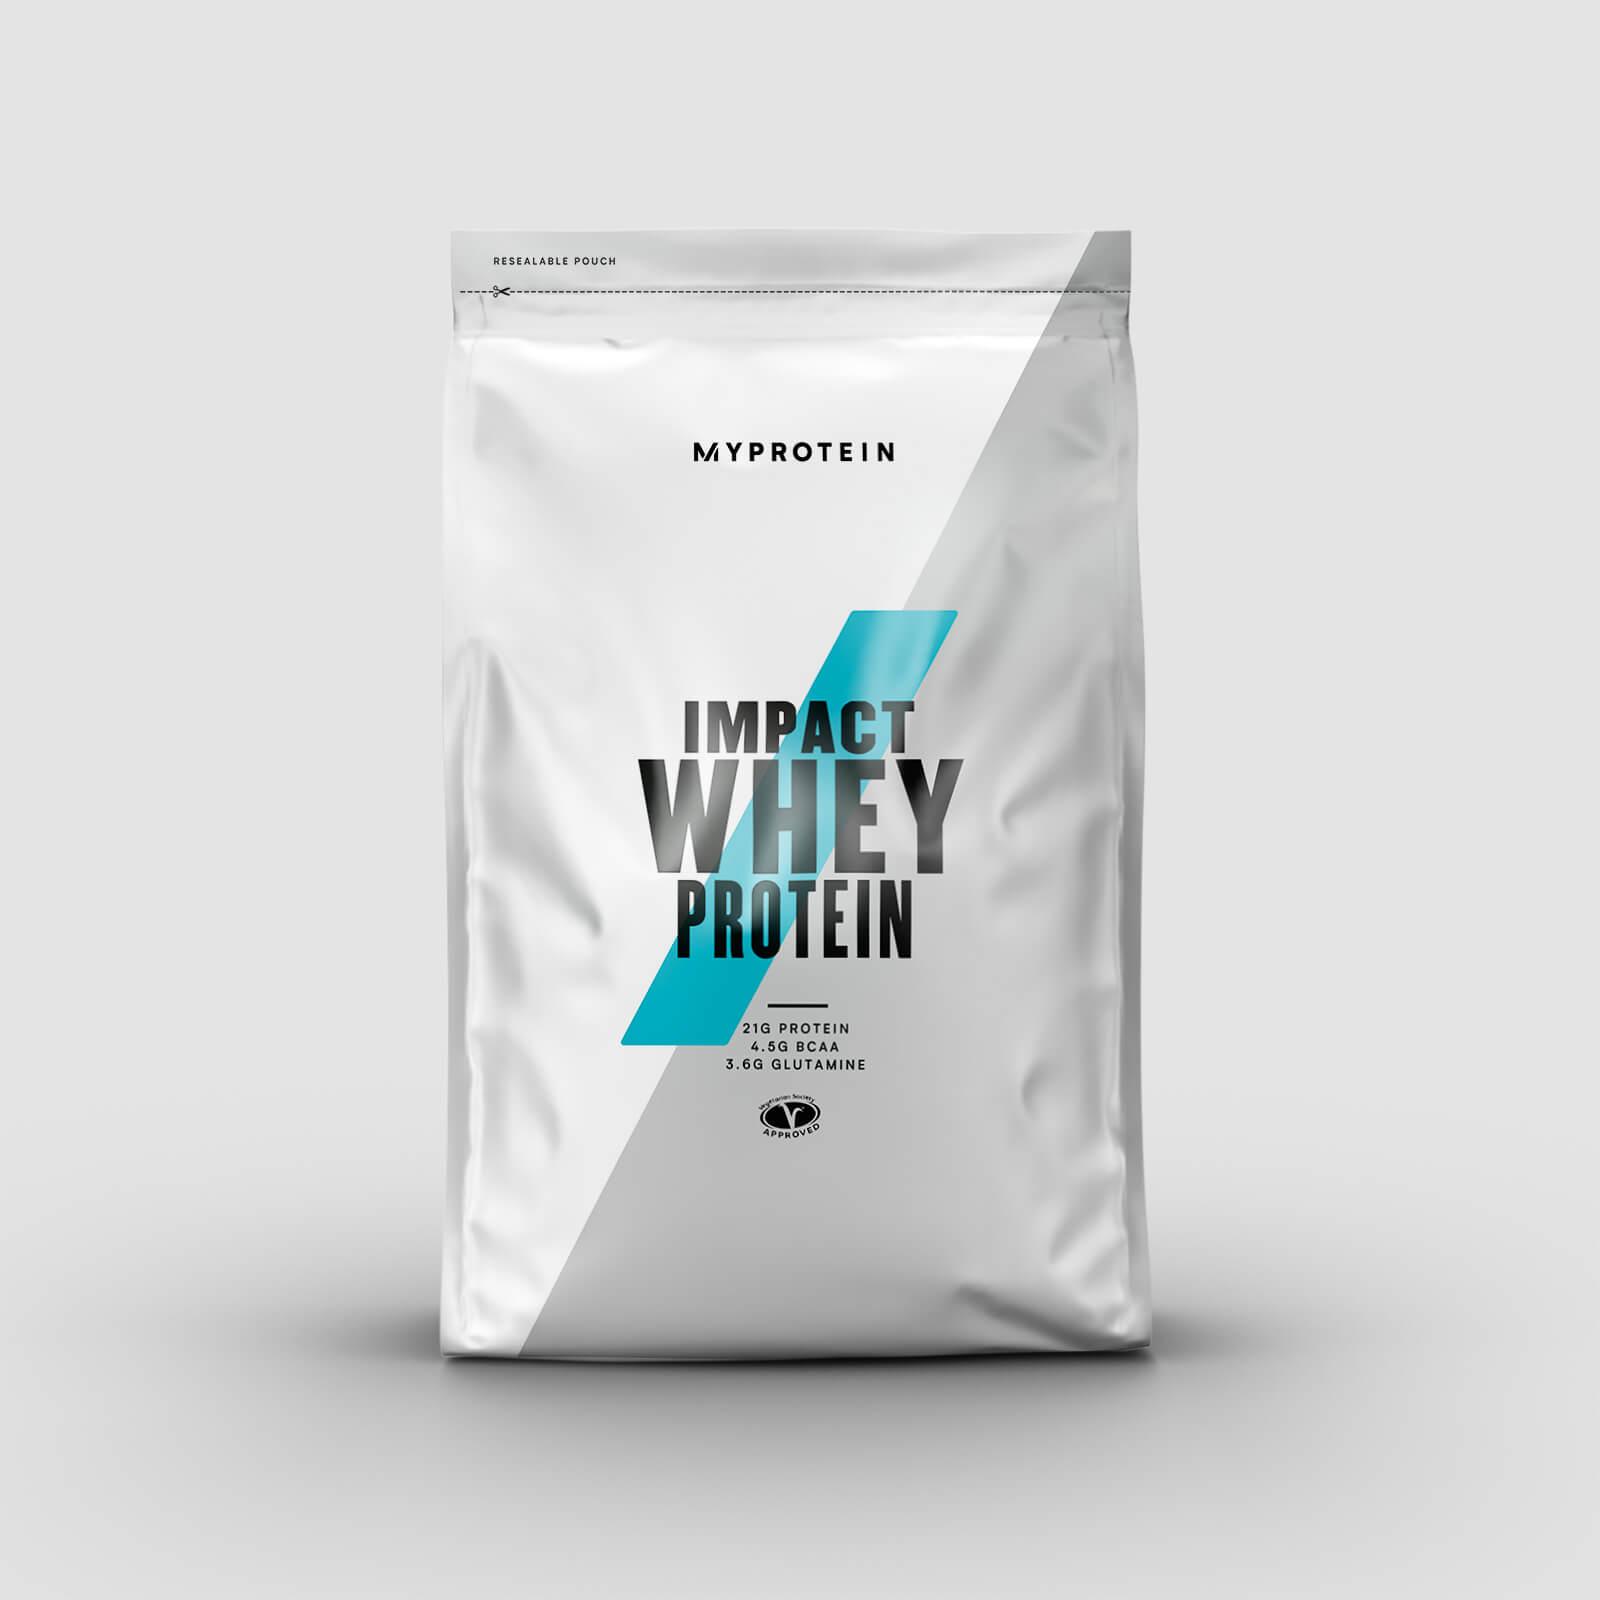 Myprotein Impact Whey Protein - 2.5kg - Chocolat Brownie